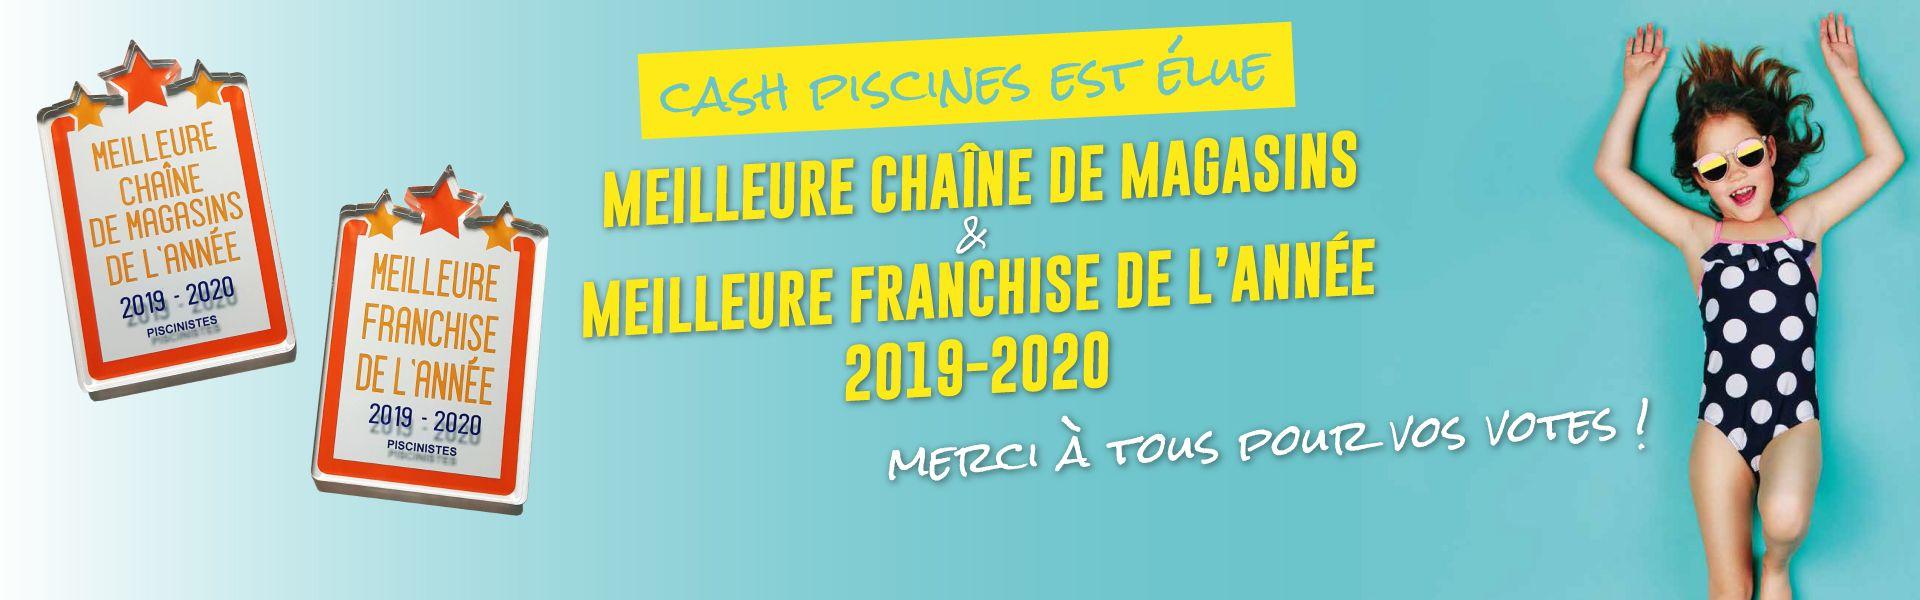 Cash Piscines - Tout Pour La Piscine & Spas Gonflables ... serapportantà Cash Piscine Agen